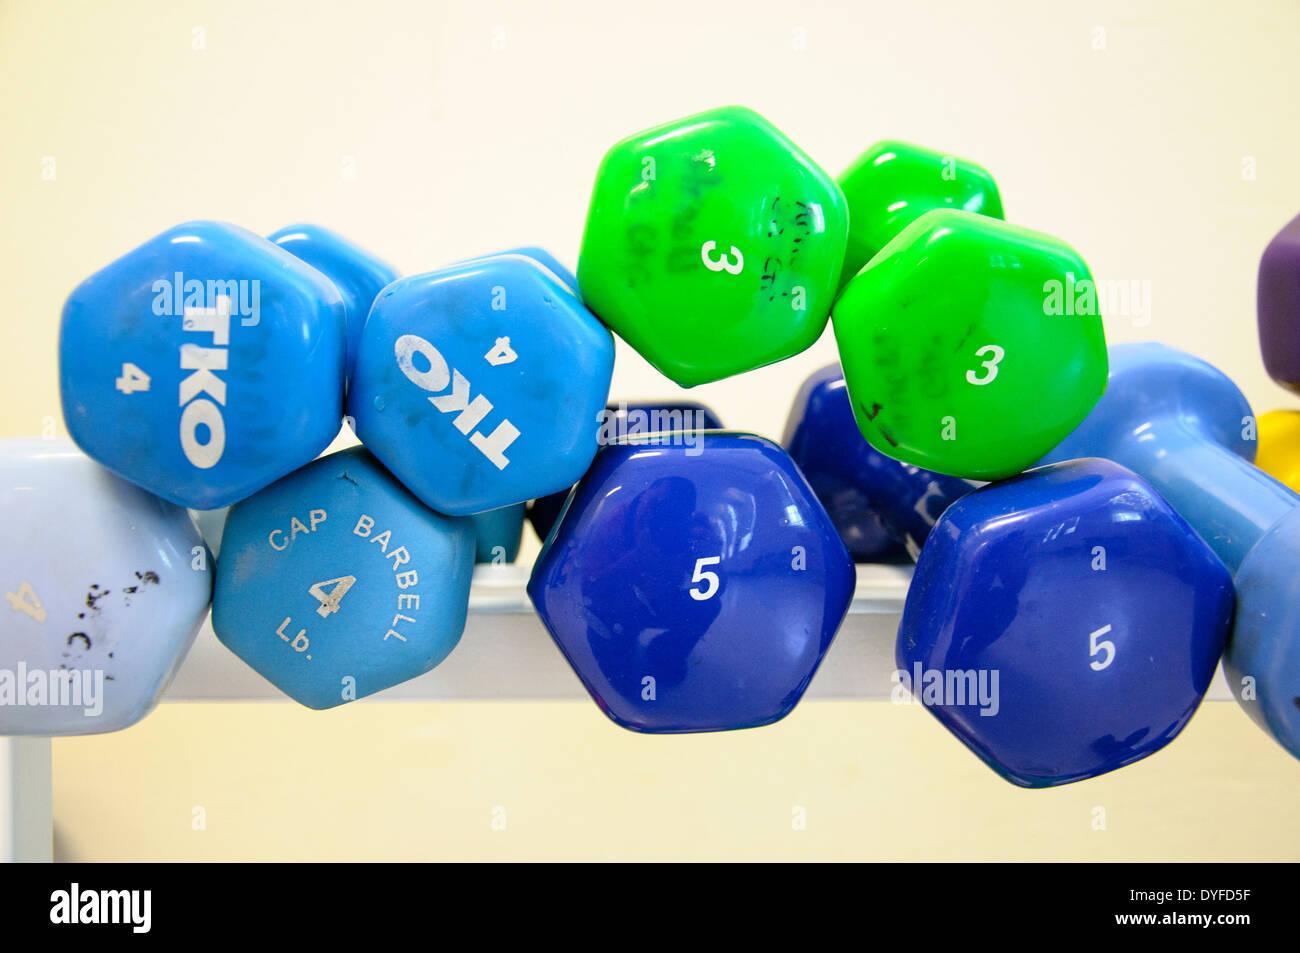 Surtido de pesas, equipo para hacer ejercicio. Imagen De Stock